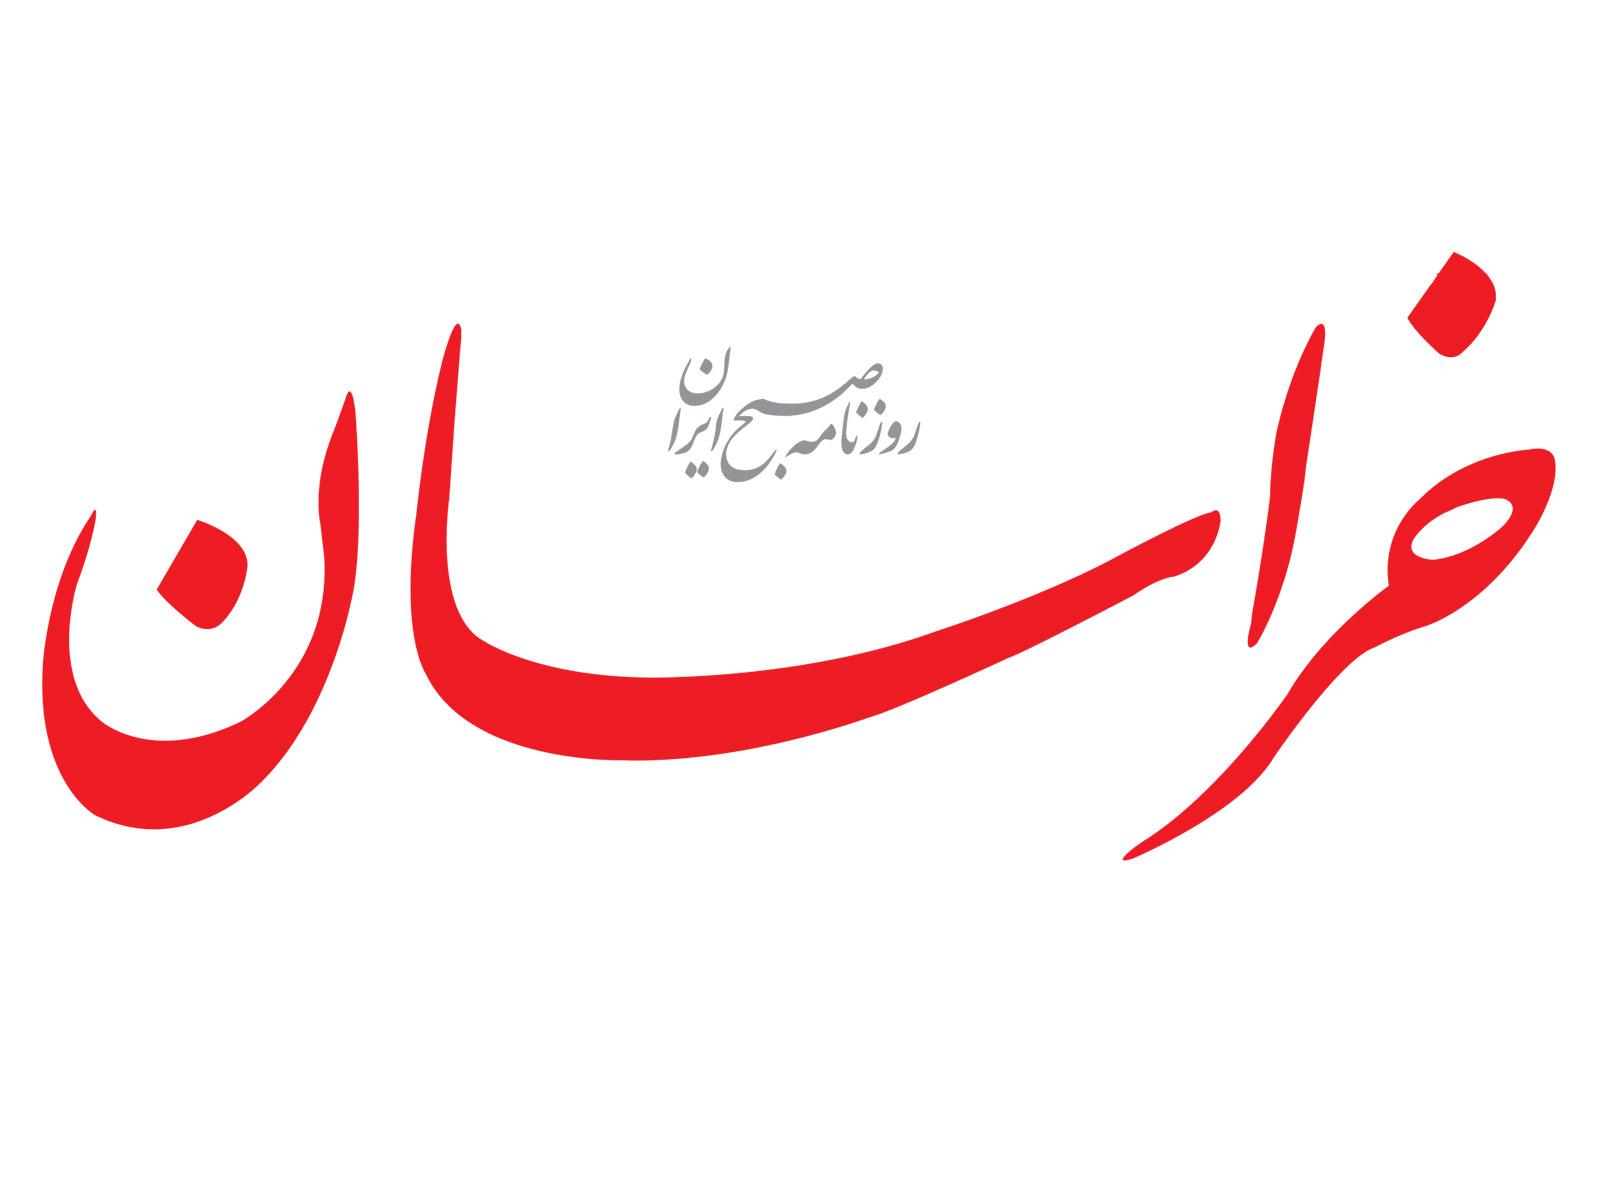 سرمقاله خراسان/ شوی تبلیغاتی داعش برای واشنگتن